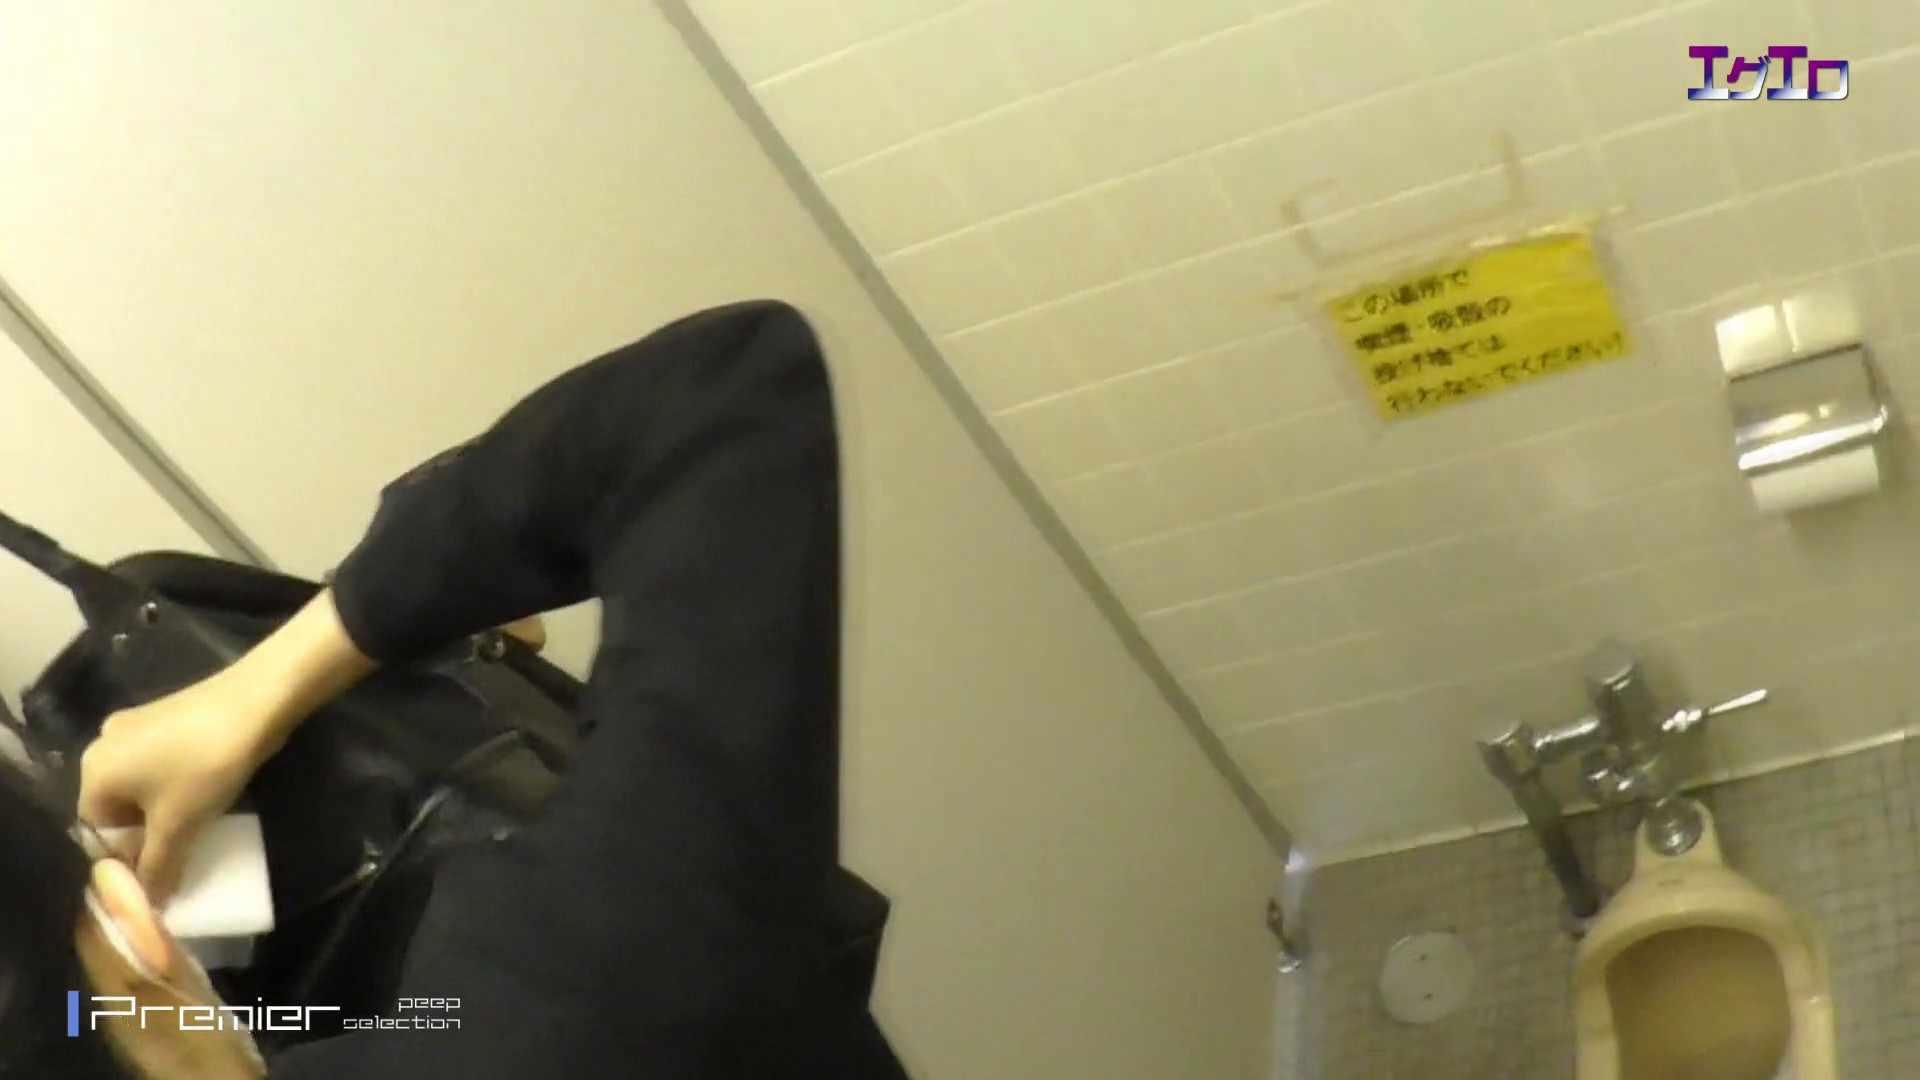 執念の撮影&追撮!!某女子校の通学路にあるトイレ 至近距離洗面所 Vol.16 トイレの実態 ぱこり動画紹介 66PIX 47